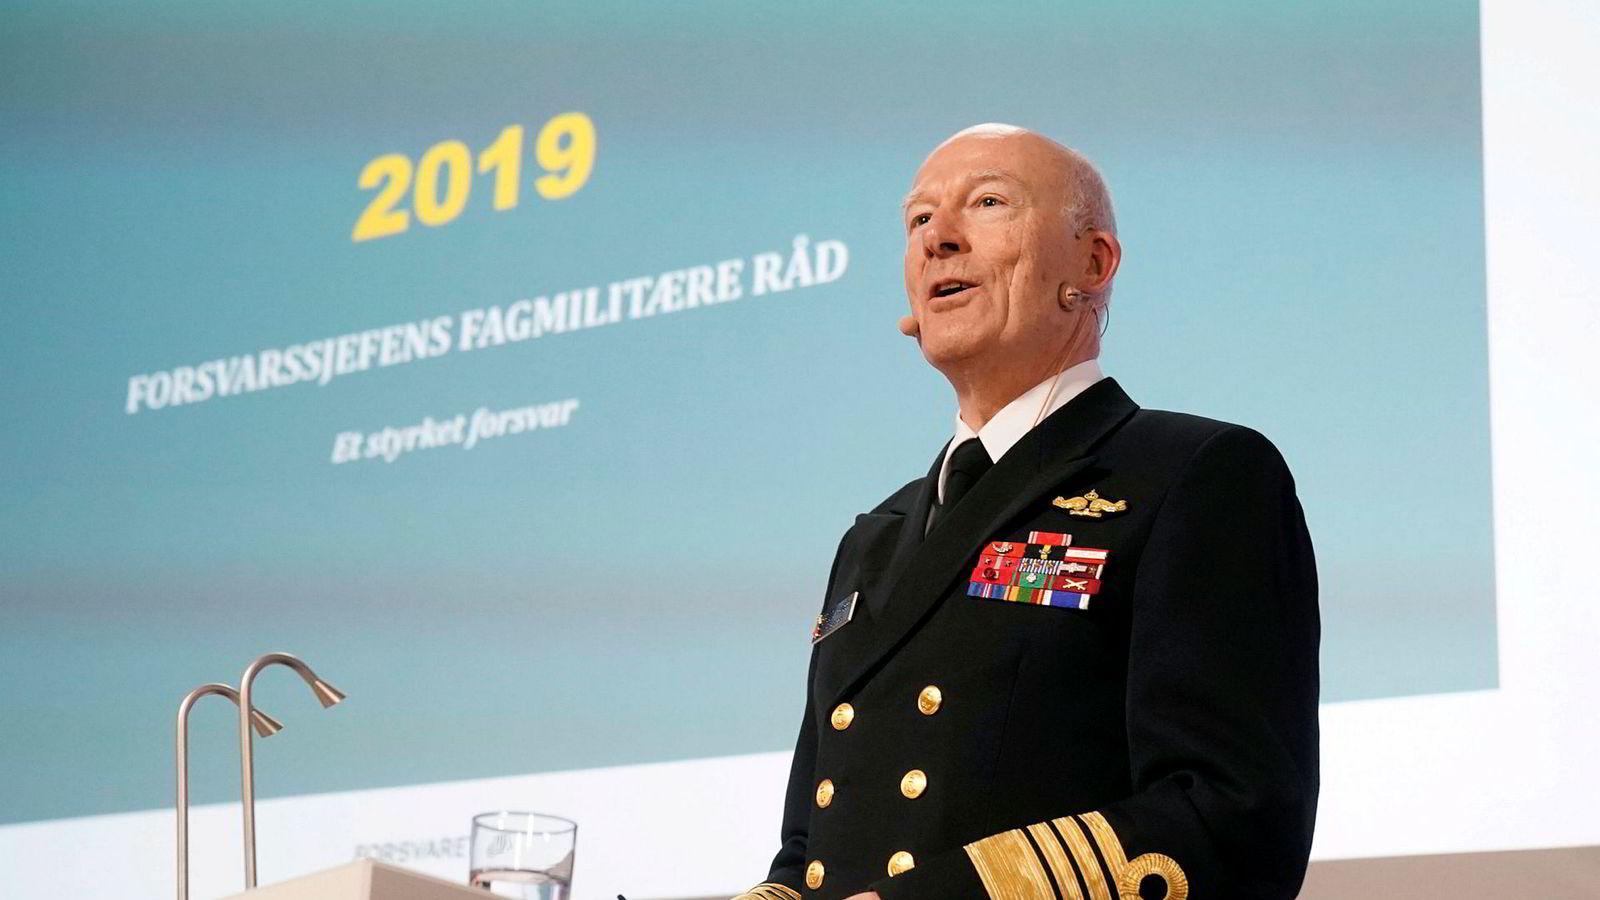 Forsvarssjef Haakon Bruun-Hanssen (bildet) presenterte tirsdag sitt fagmilitære råd til regjeringen. Forsvarsminister Frank Bakke-Jensen vil følge opp med en ny langtidsplan for Forsvaret til våren neste år.